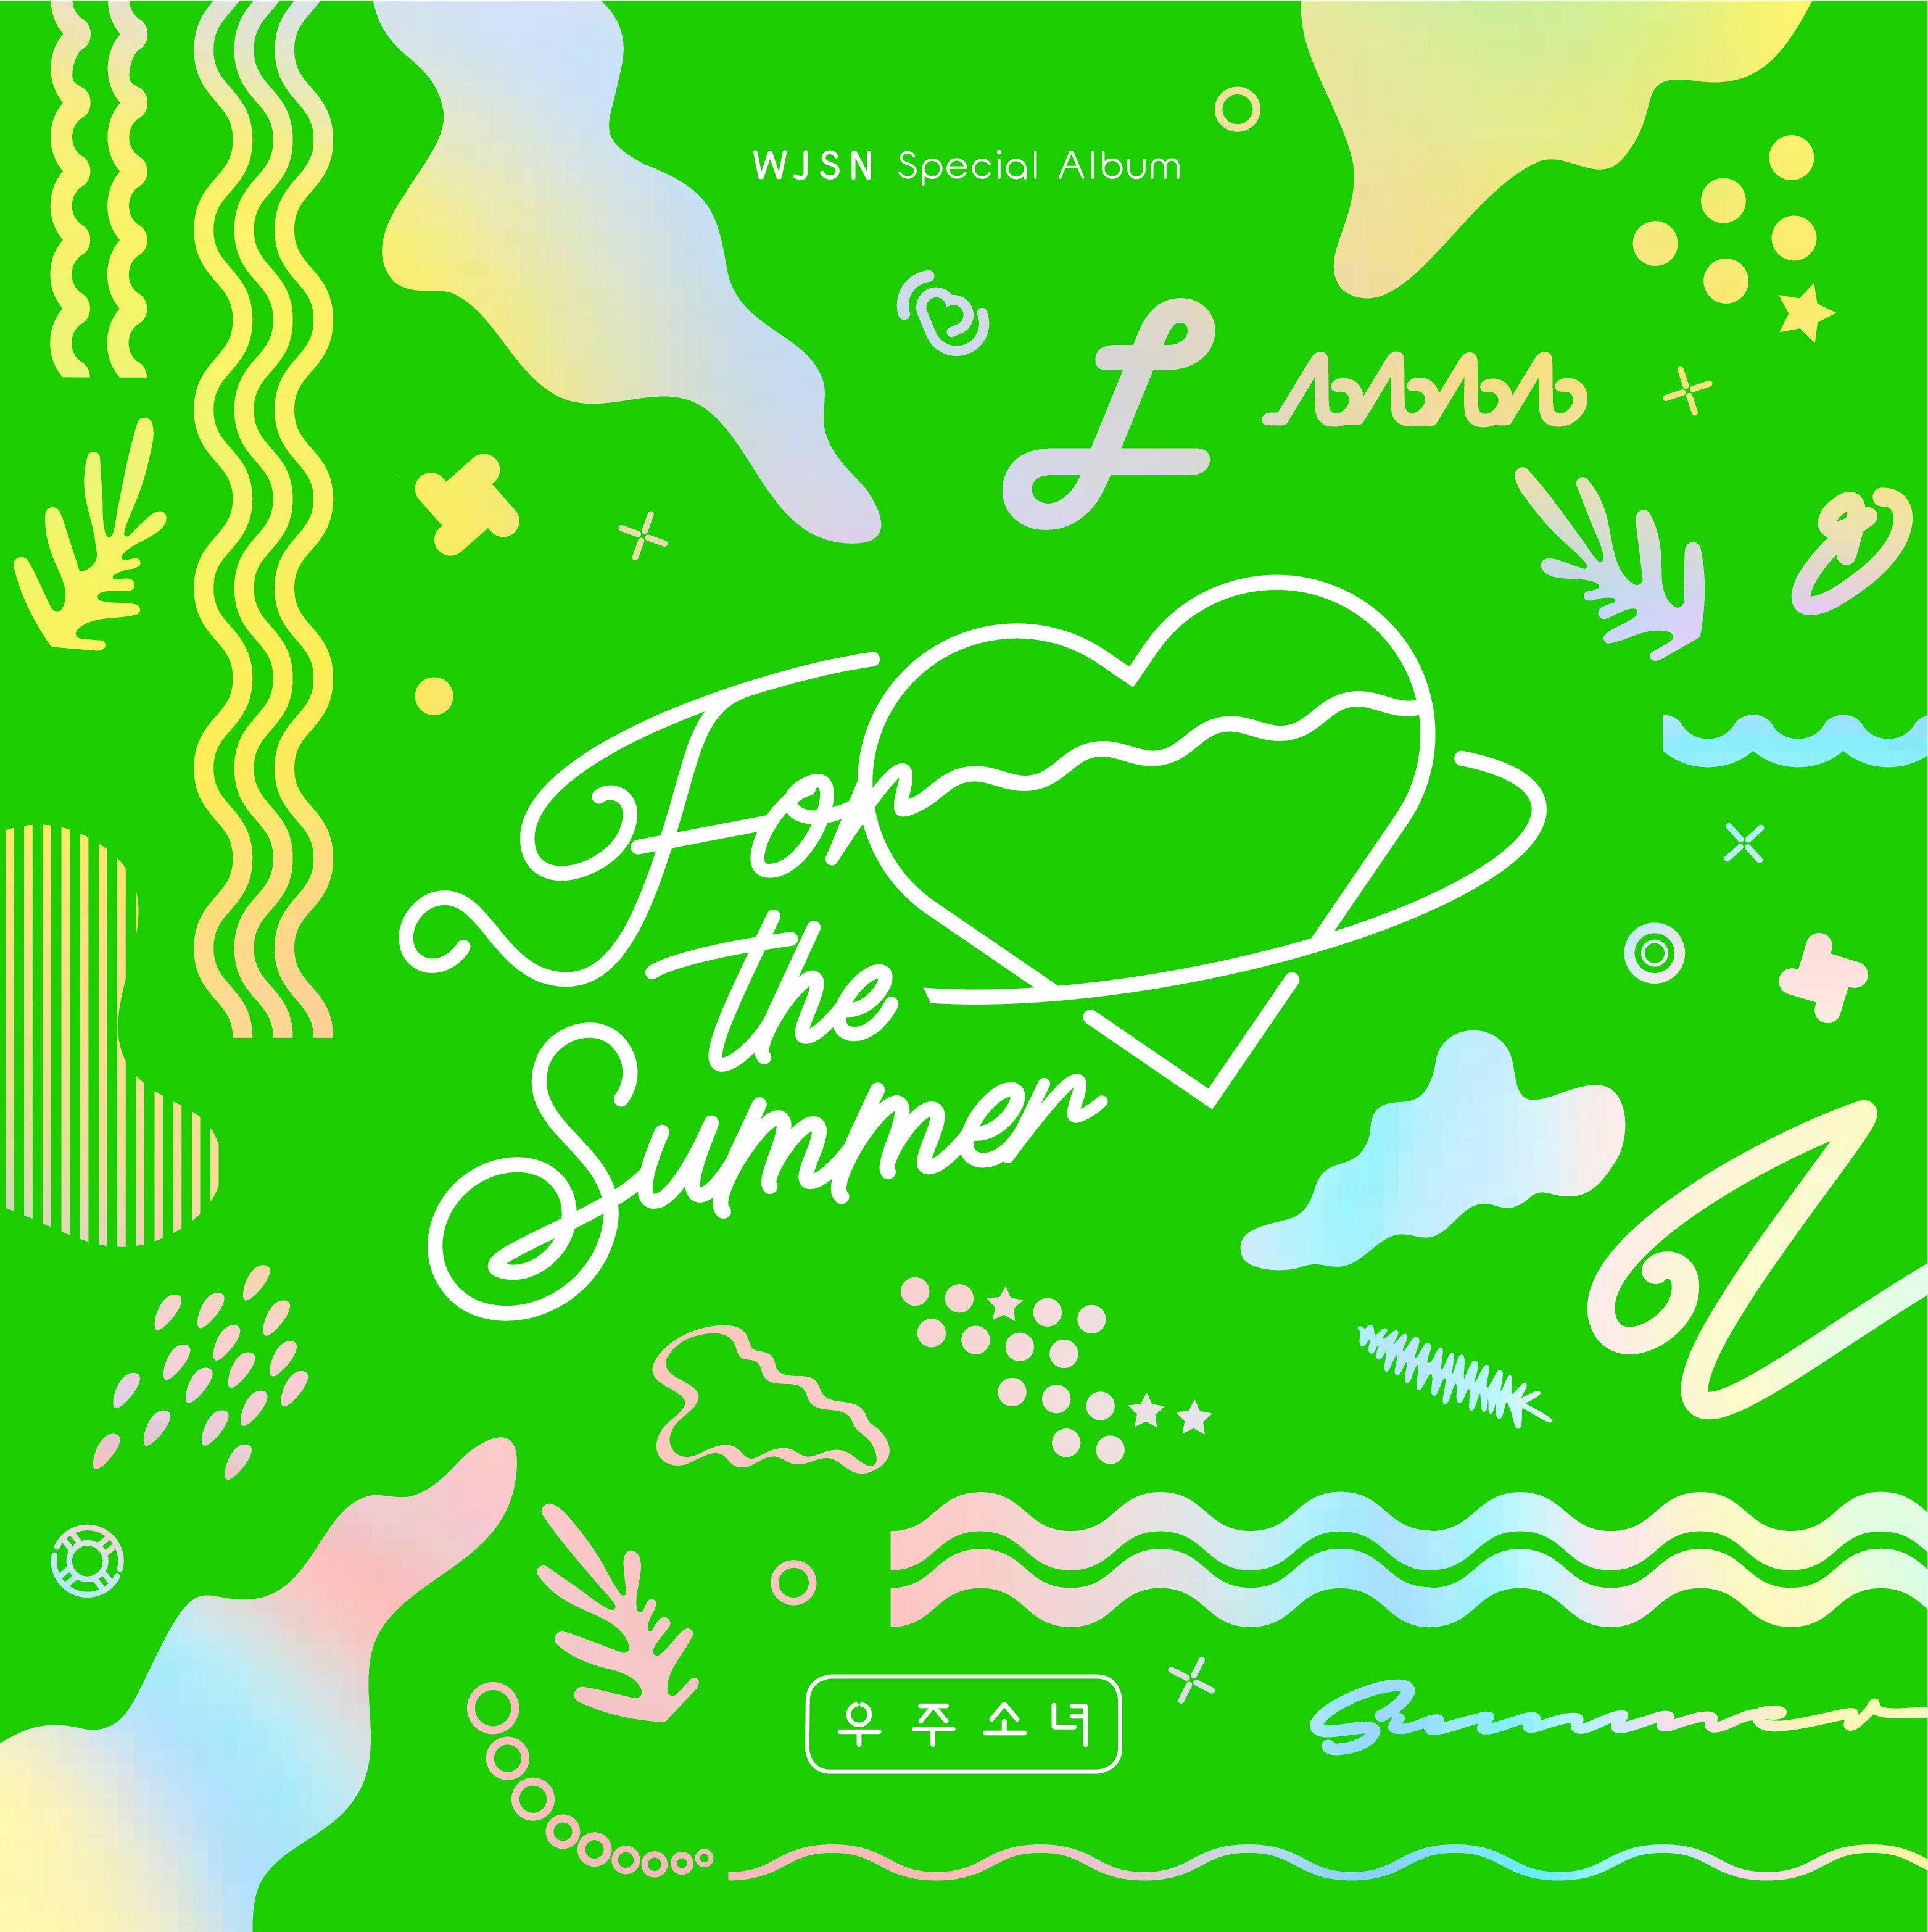 【8/23(金)大阪】宇宙少女「For the Summer: Special Album」全員サイン応募受付